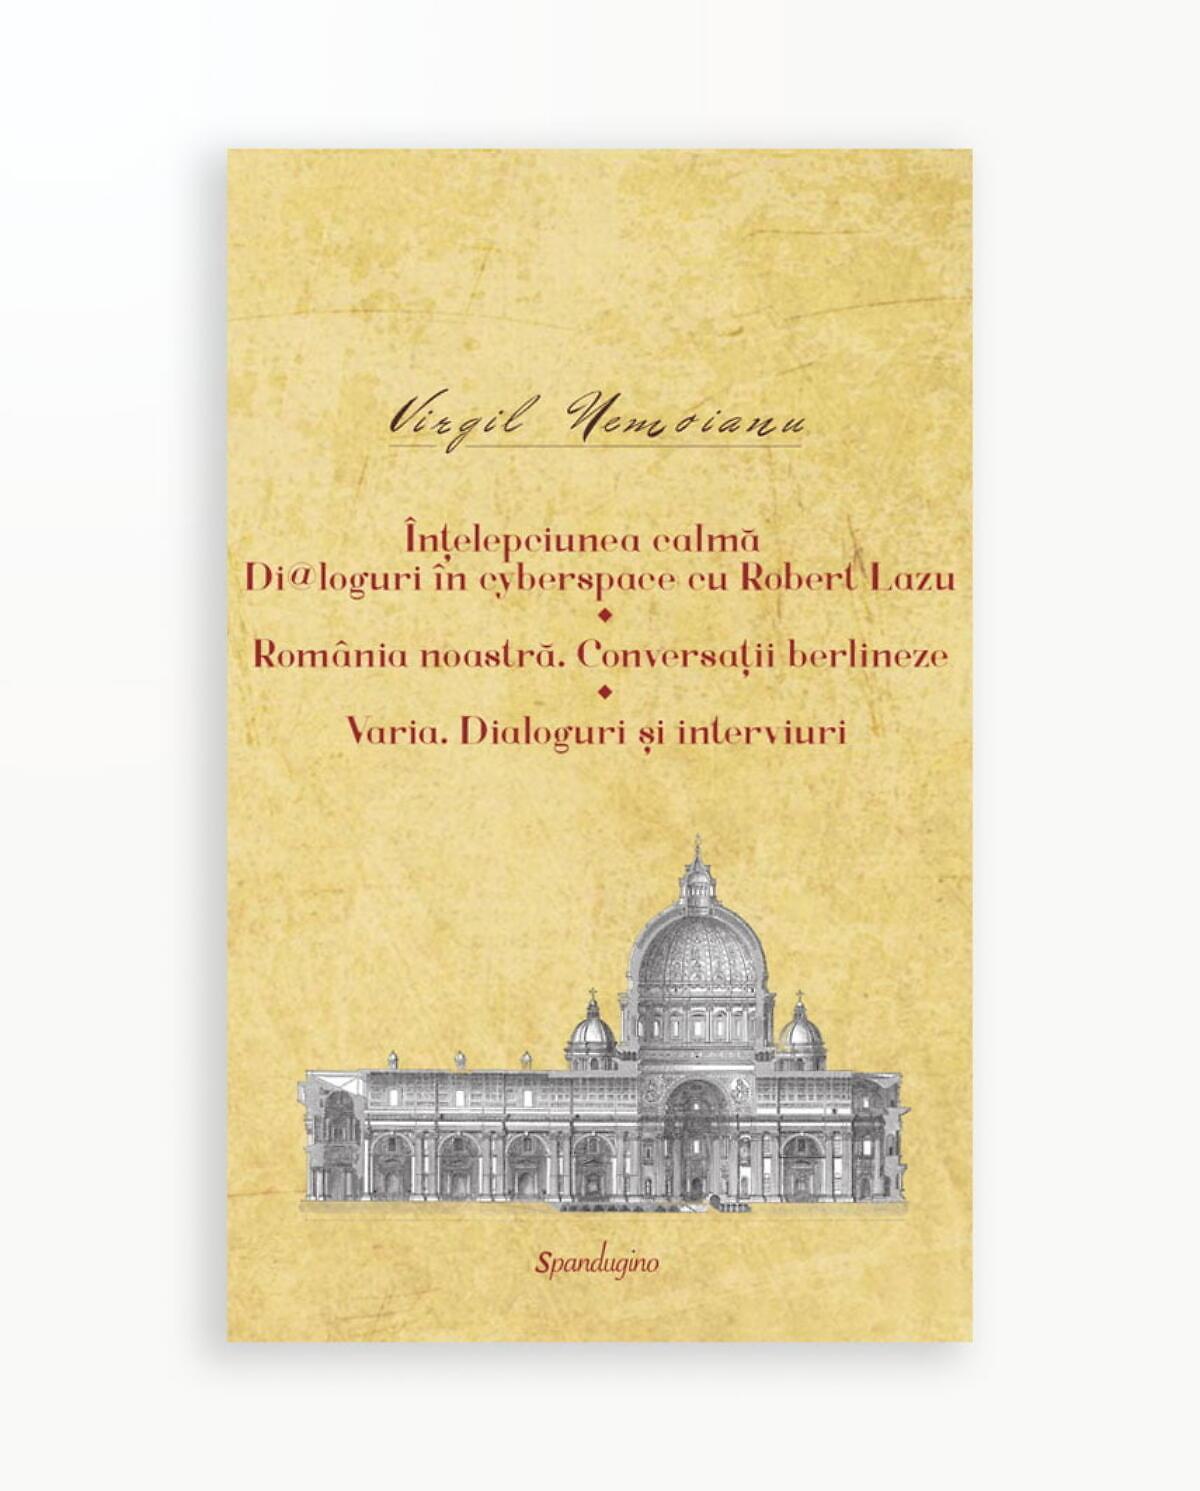 INTELEPCIUNEA CALMA - ROMANIA NOASTRA - DIALOGURI SI INTERVIURI - Opere vol. 8